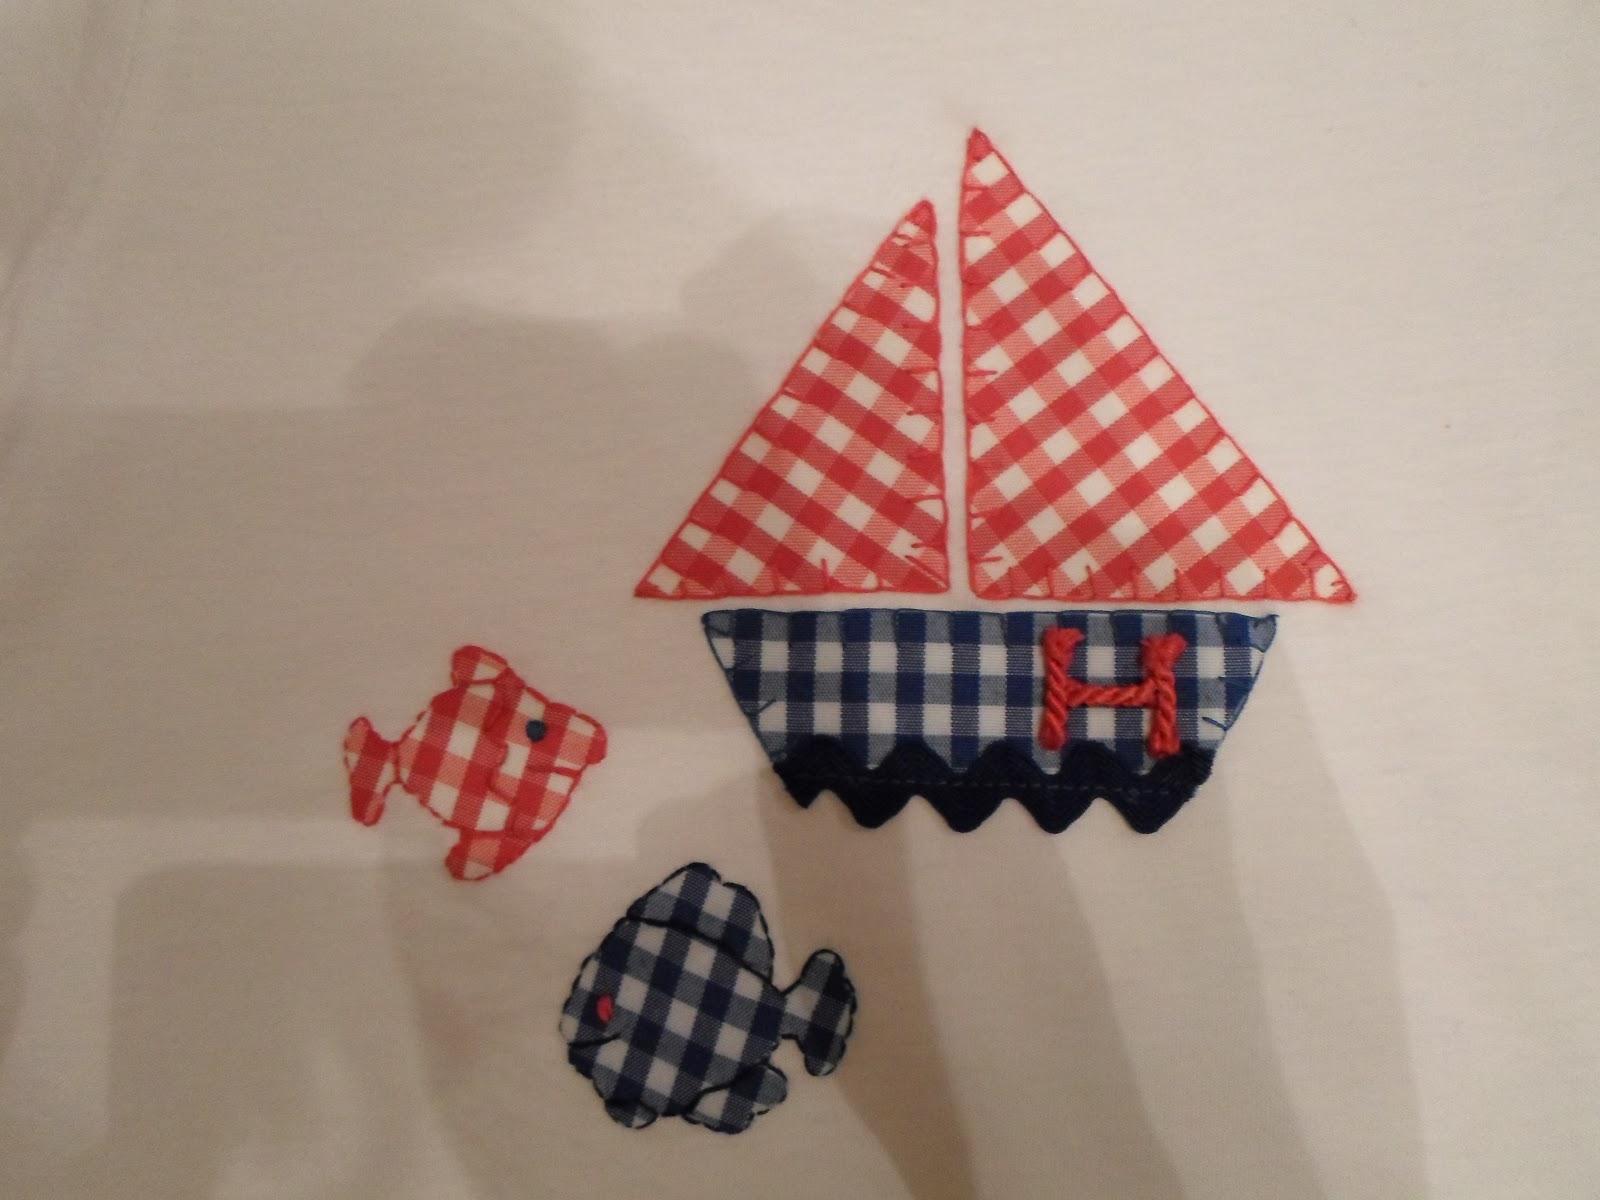 Camiseta hecha a mano con tela. Detalle barco y peces